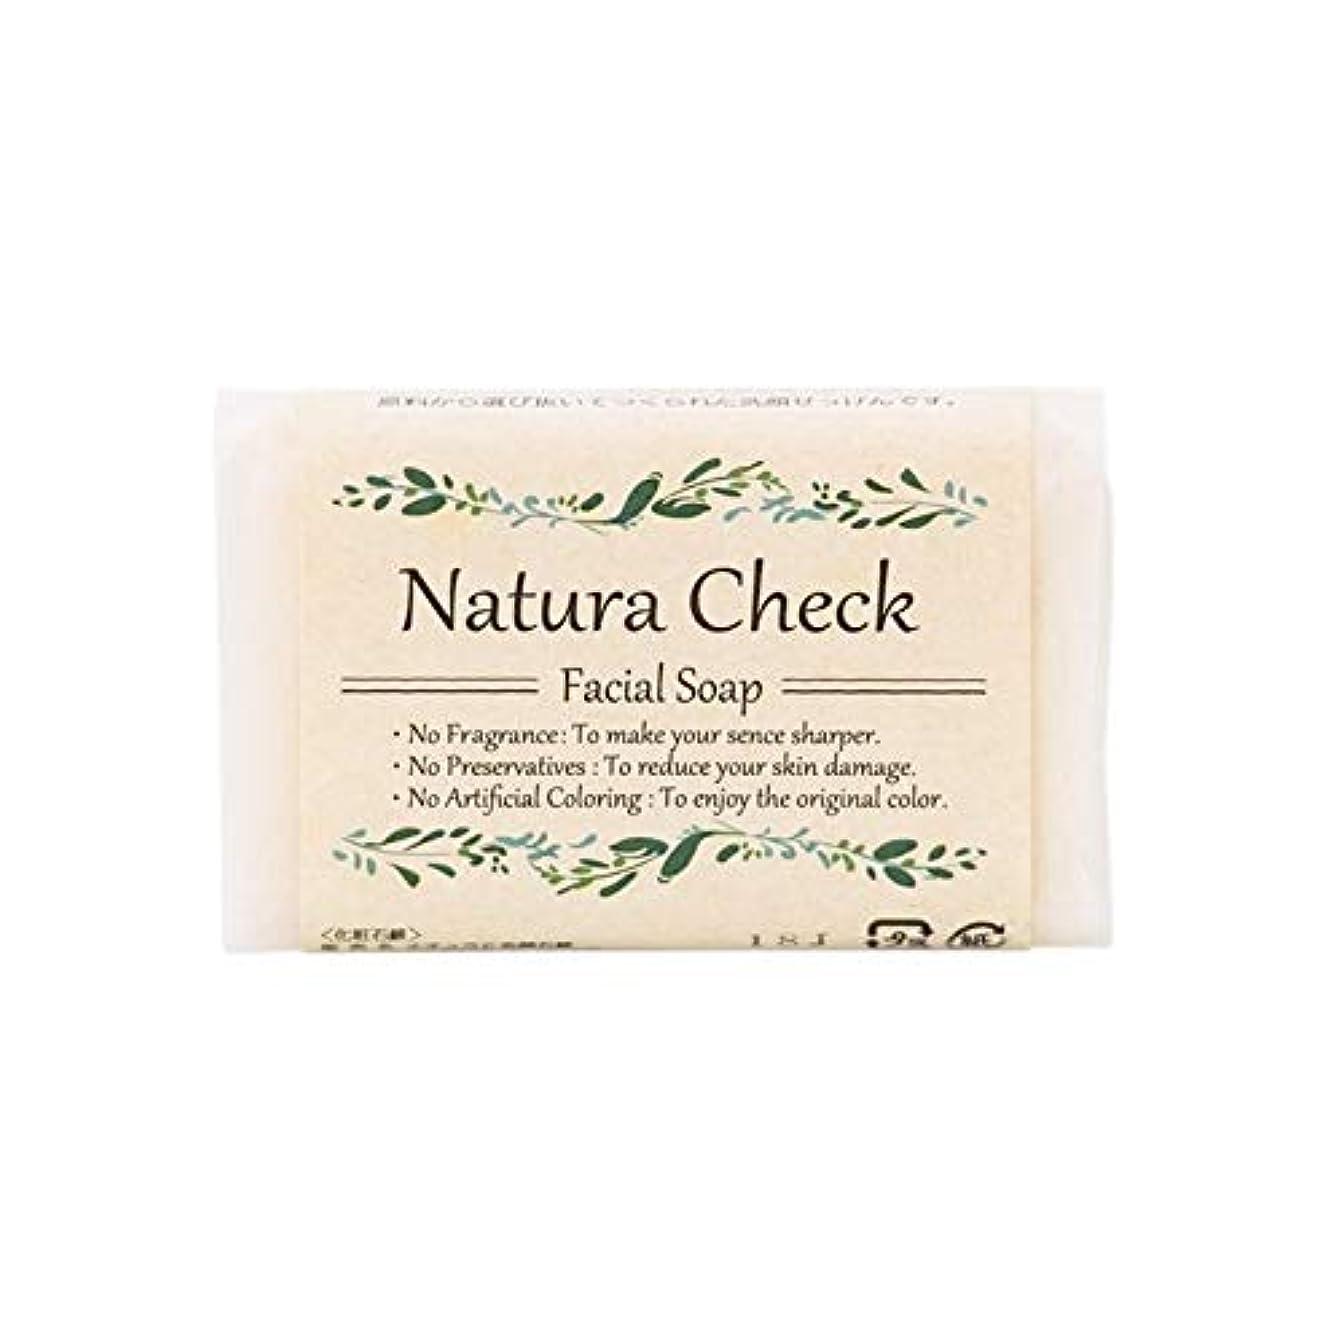 スモッグ結婚するサーフィンNatura Check 無添加洗顔せっけん80g 毛穴の黒ずみ、毛穴の開き、敏感肌、乾燥肌対策に 新生児やアトピー肌にも安心